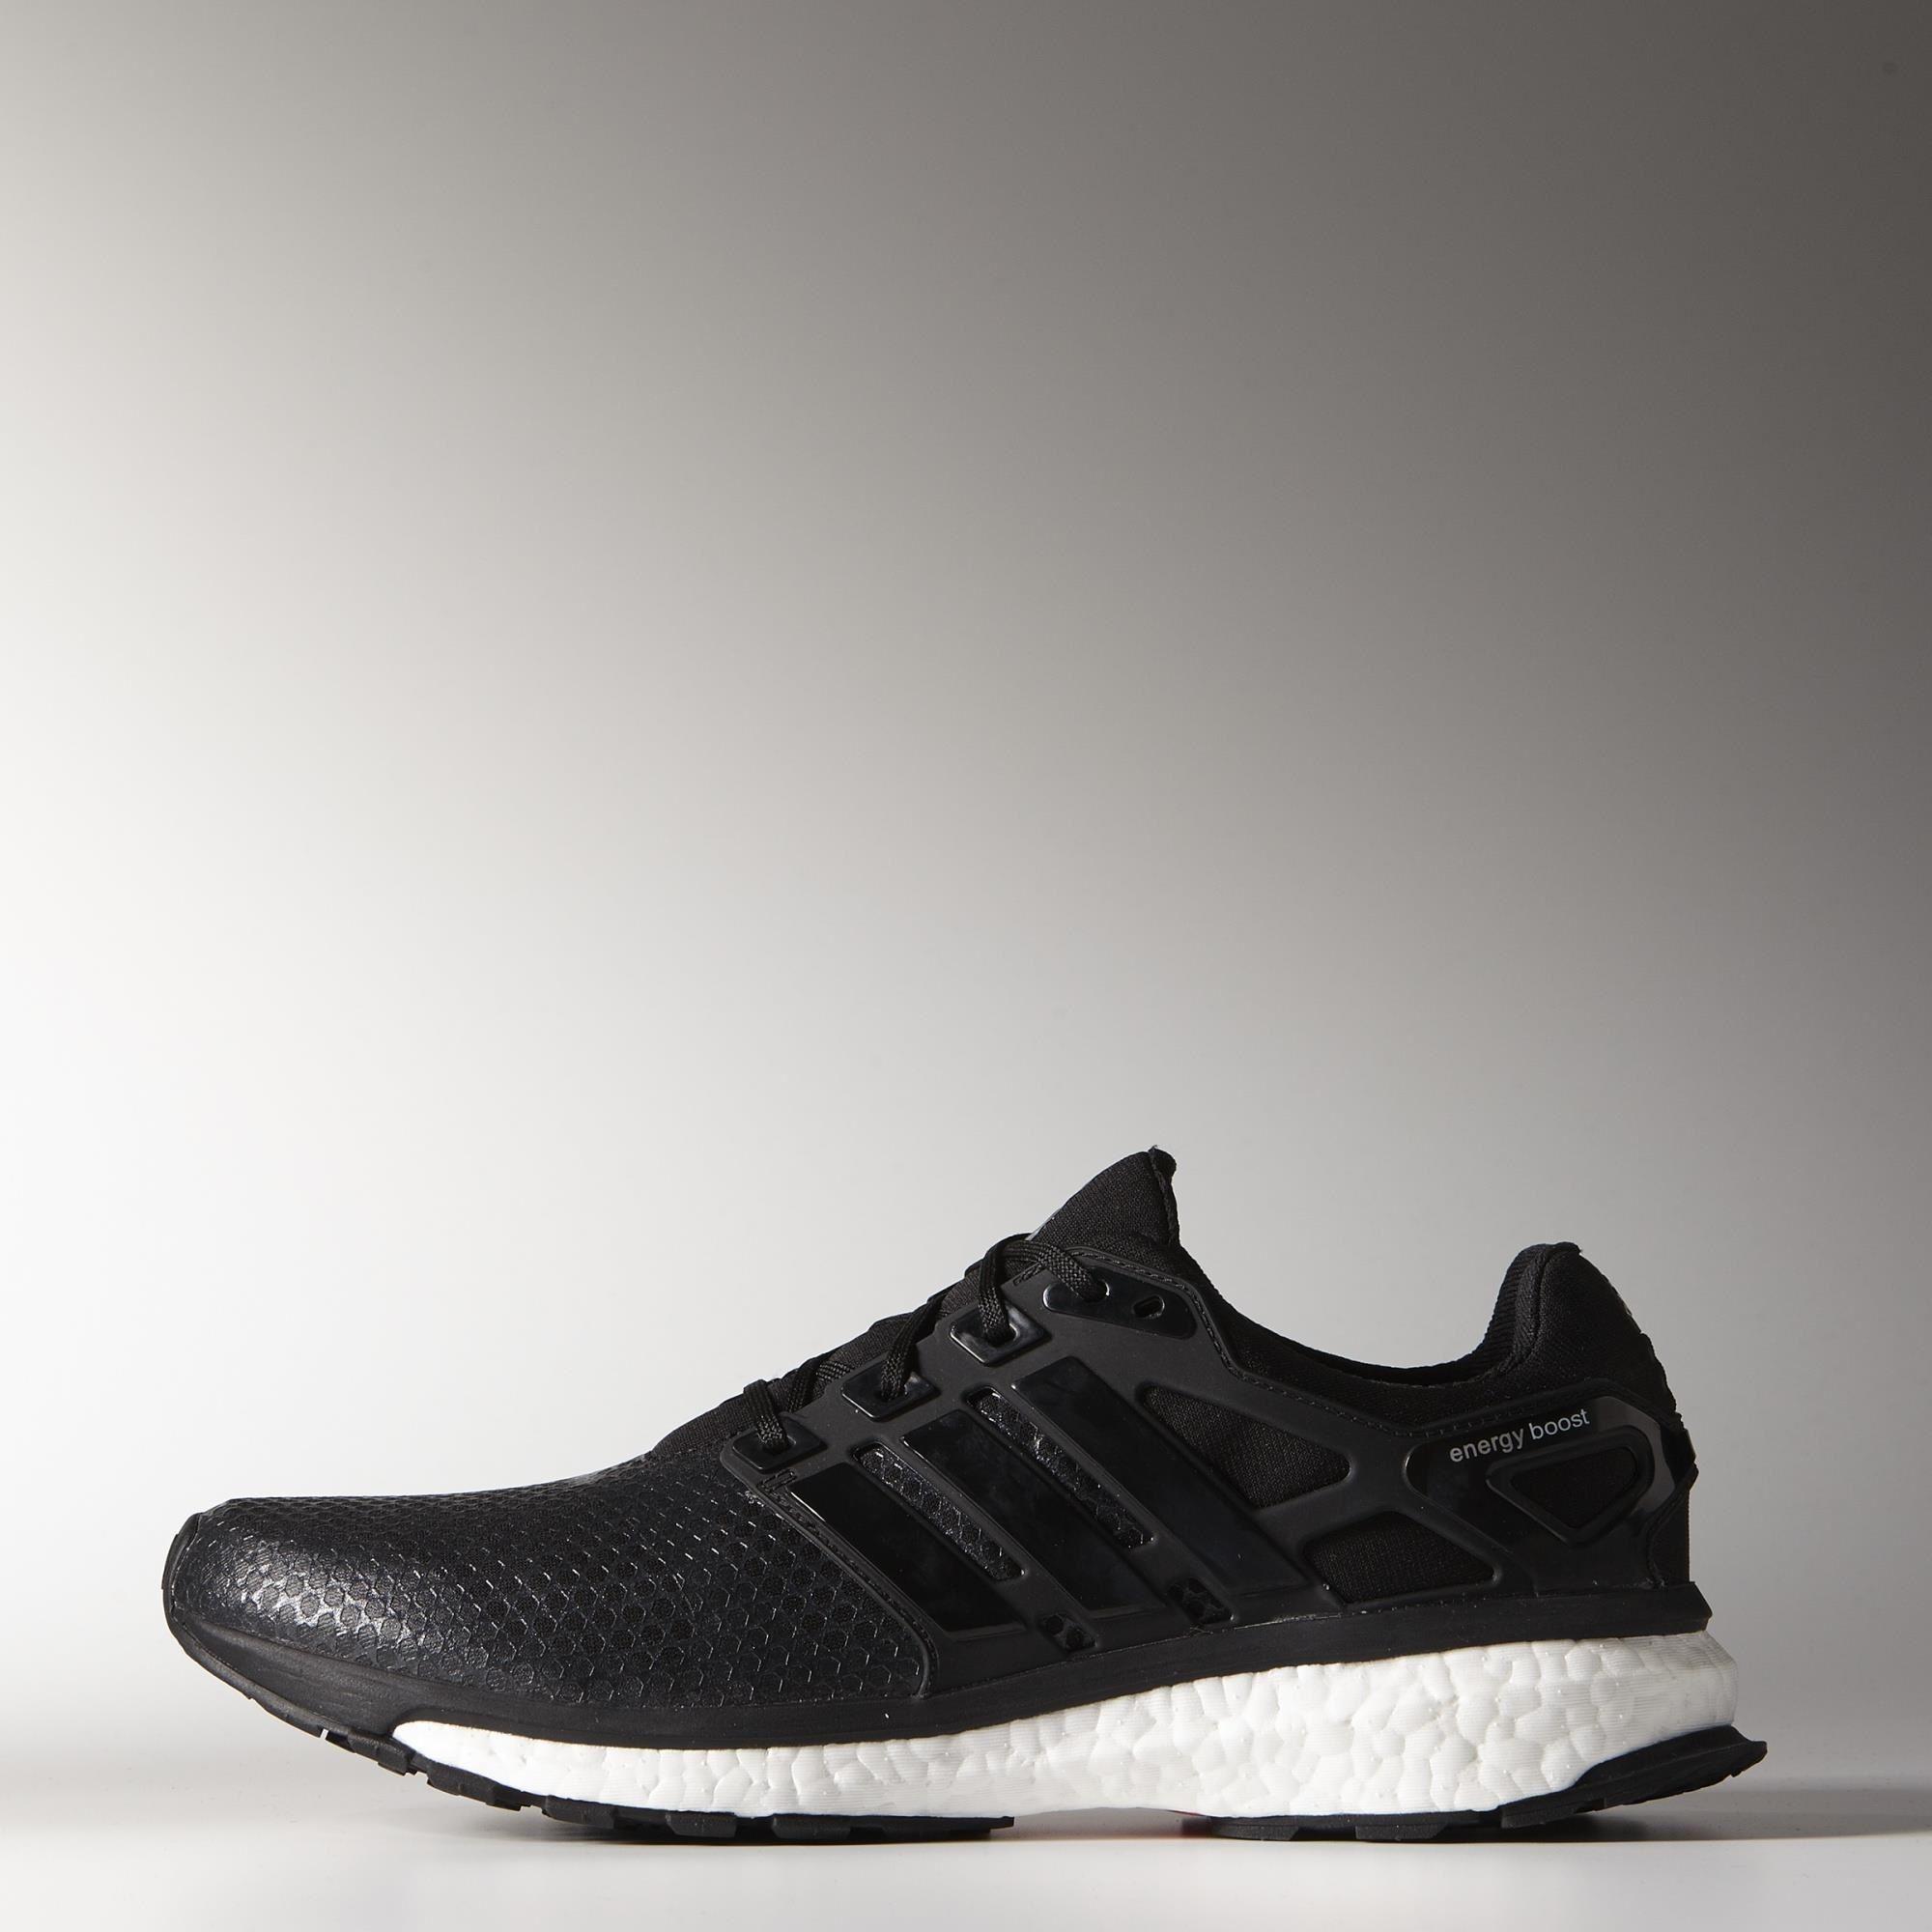 adidas zapatos para correr energia impulso 2 atr calzado pinterest